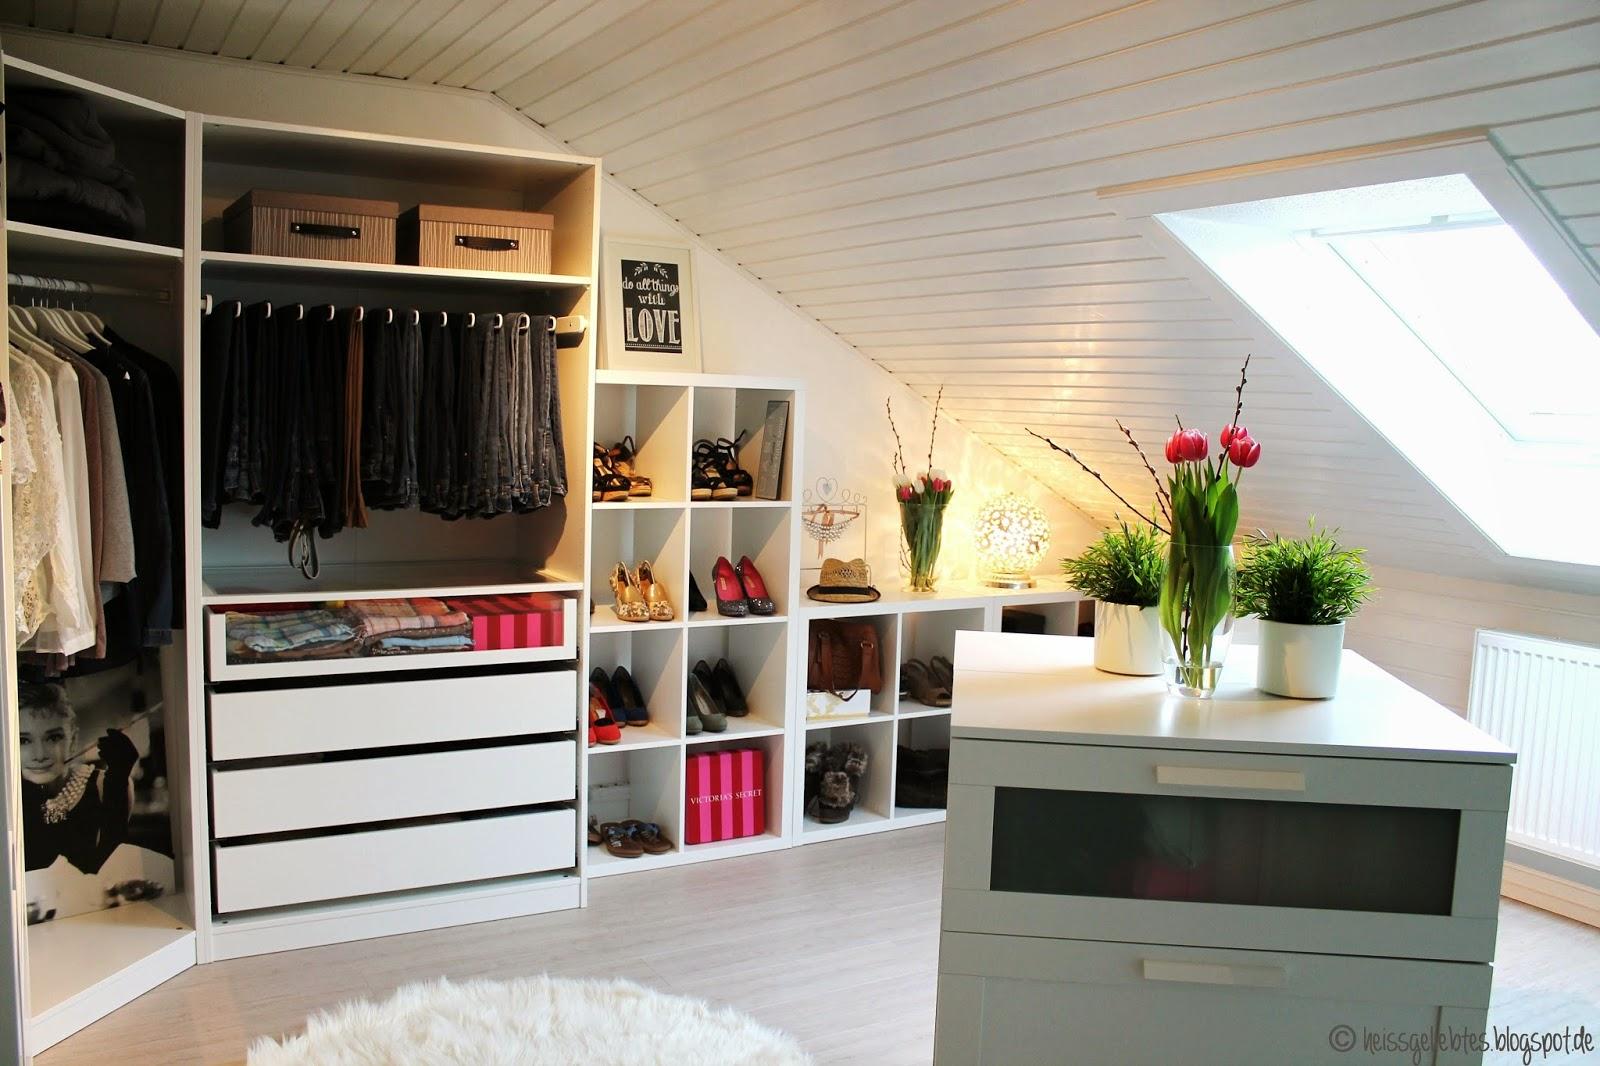 ankleidezimmer mit dachschrge home creation - Ankleidezimmer